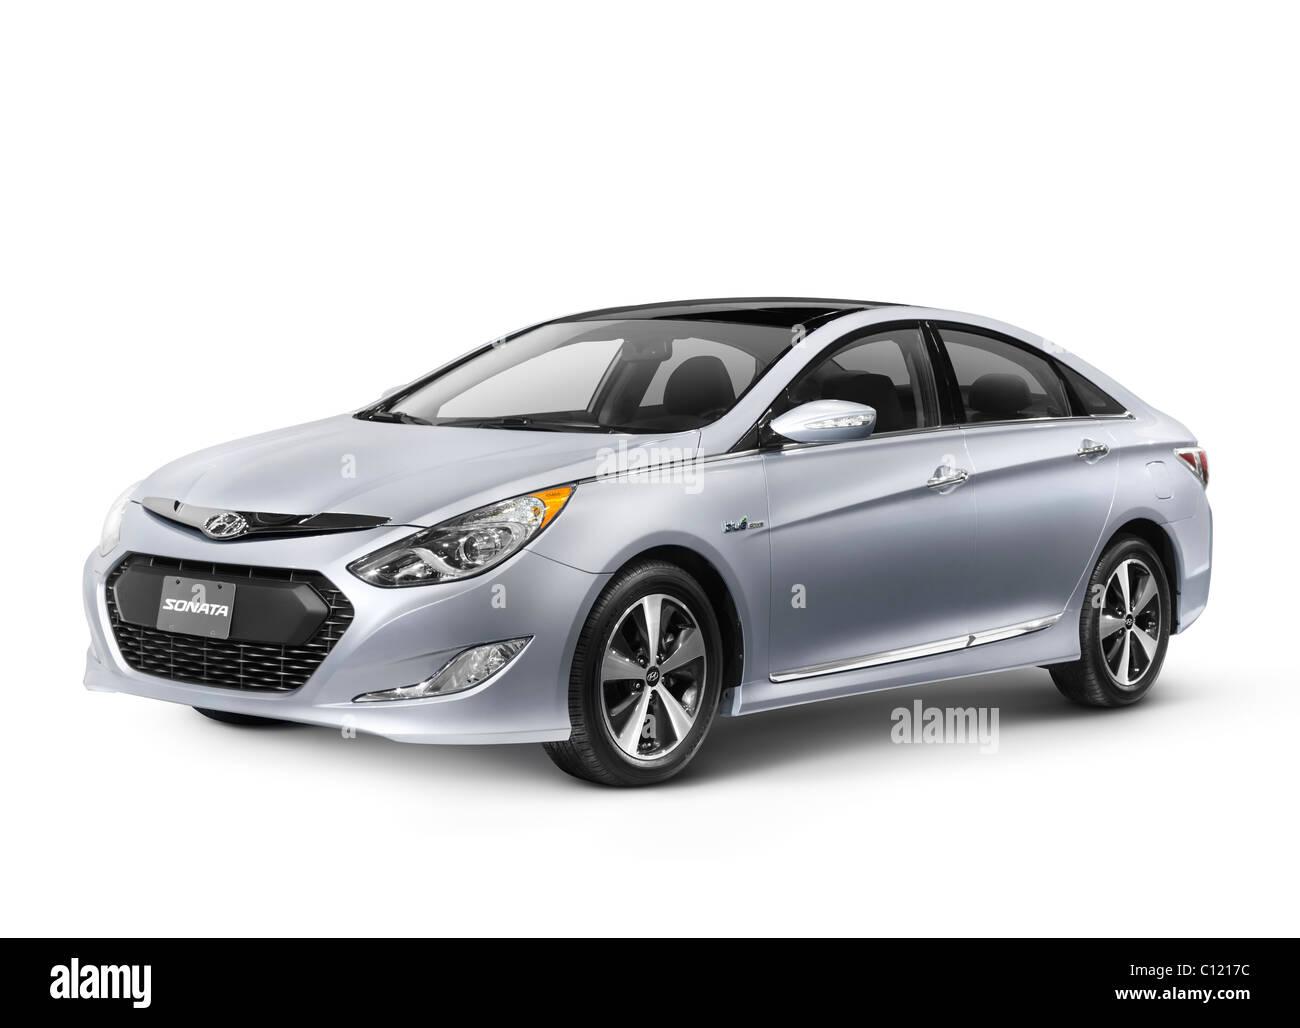 2011 Hyundai Sonata Hybrid Premium auto isolato su sfondo bianco con tracciato di ritaglio Immagini Stock